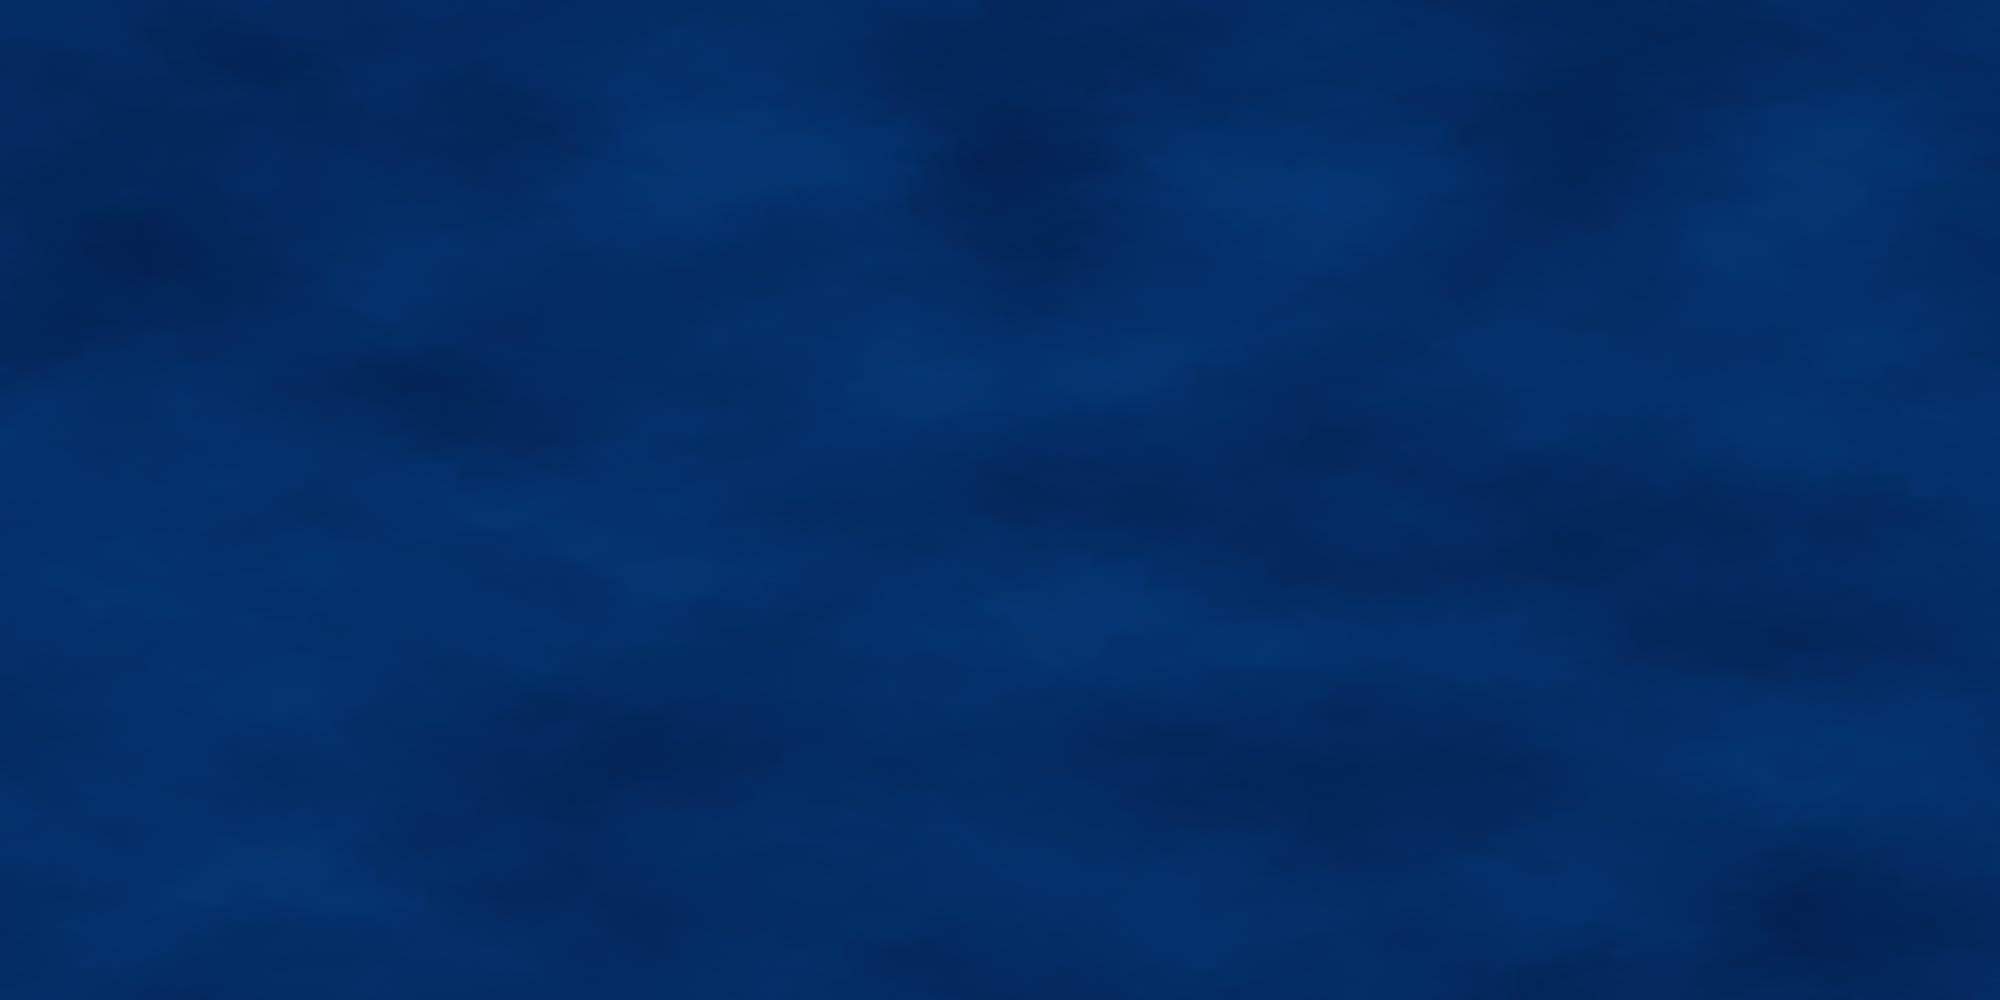 Clud-Backgroundlarge